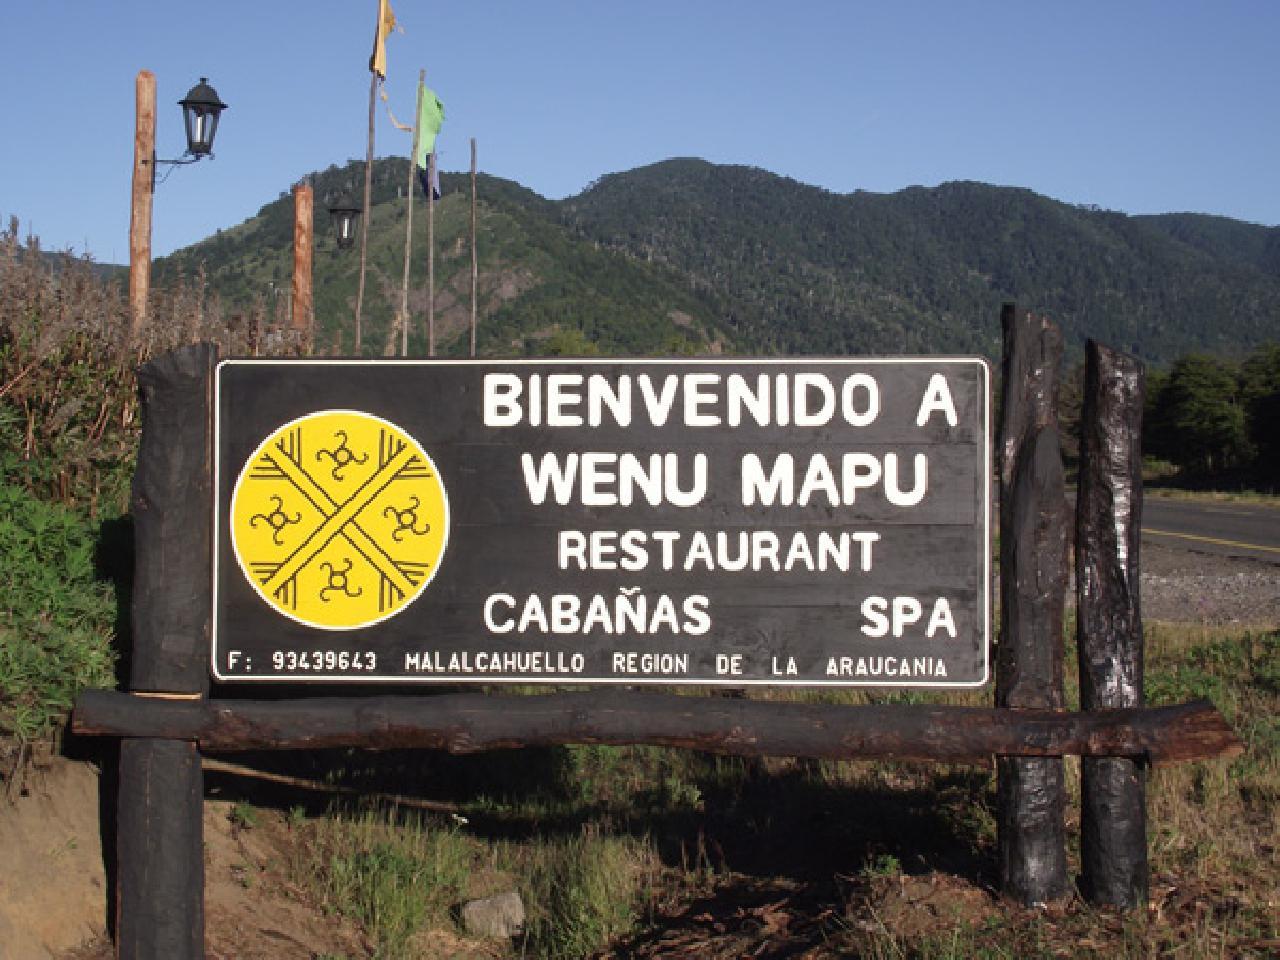 Wenumapu Restaurant